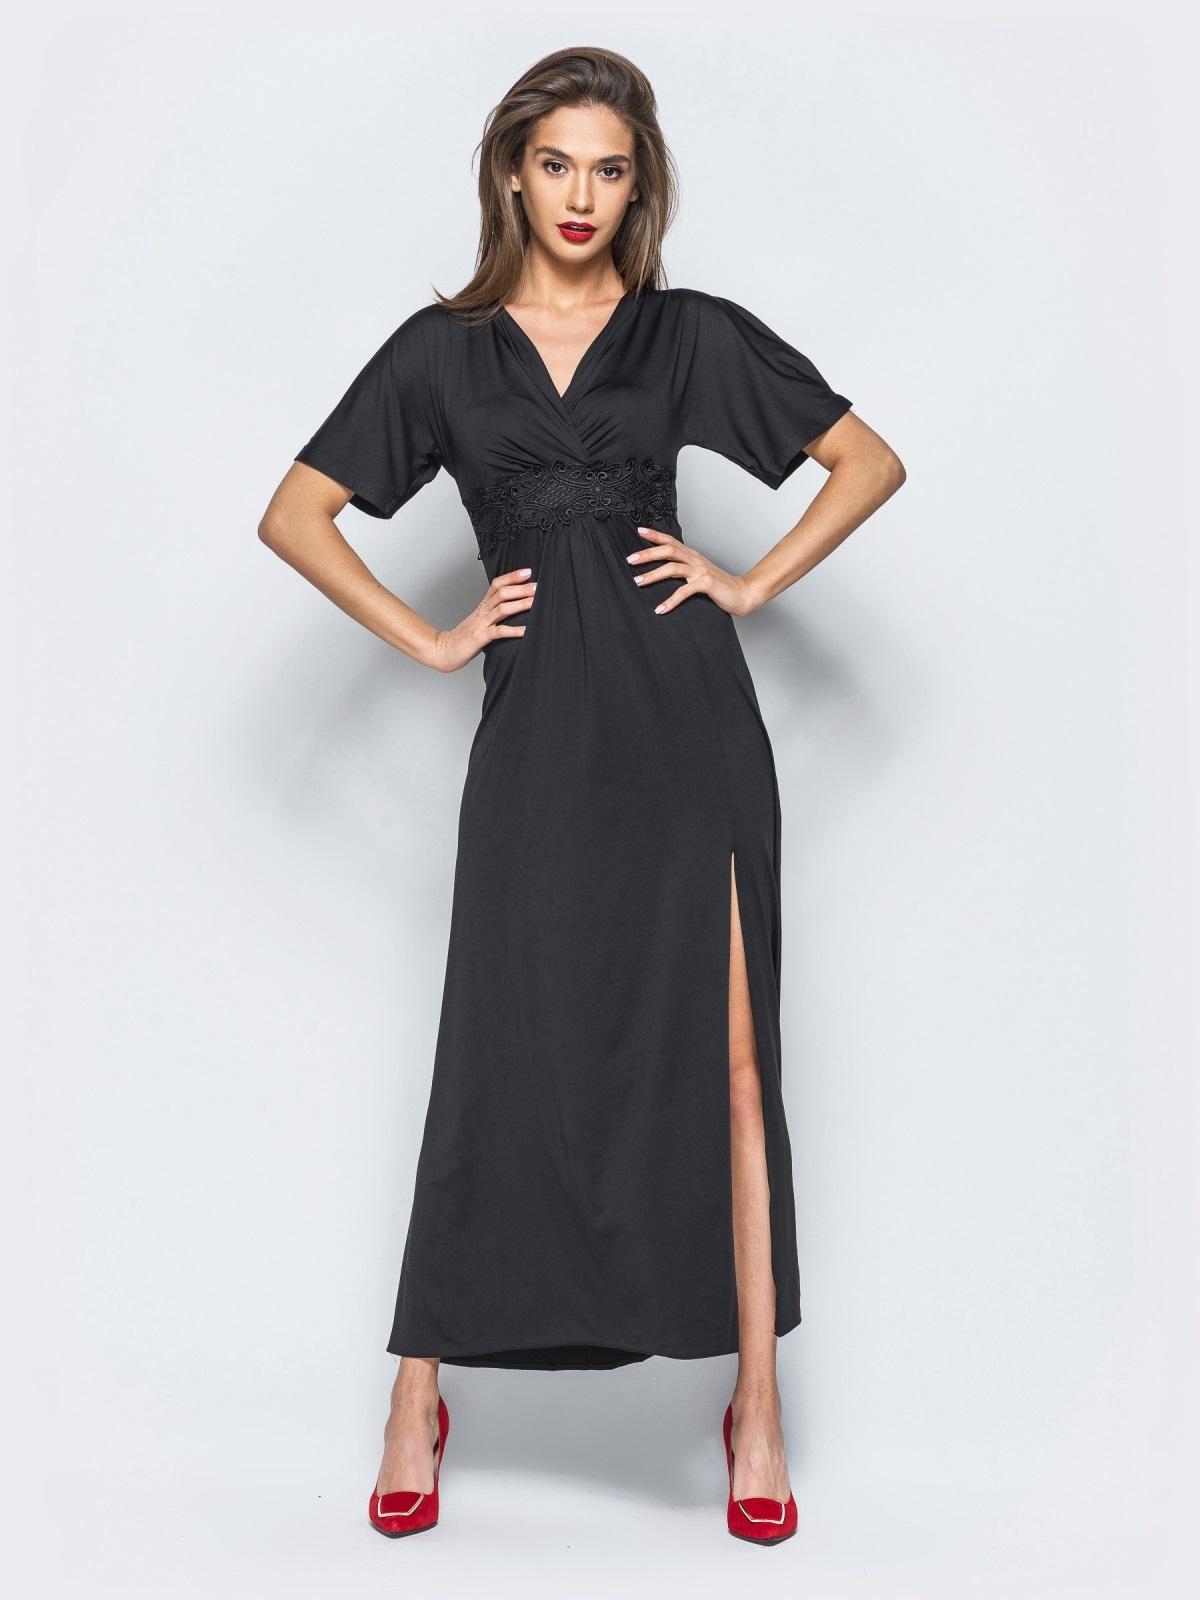 Трикотажное платье с высоким разрезом черное - 17908, фото 1 –  интернет-магазин Dressa adfb2363919